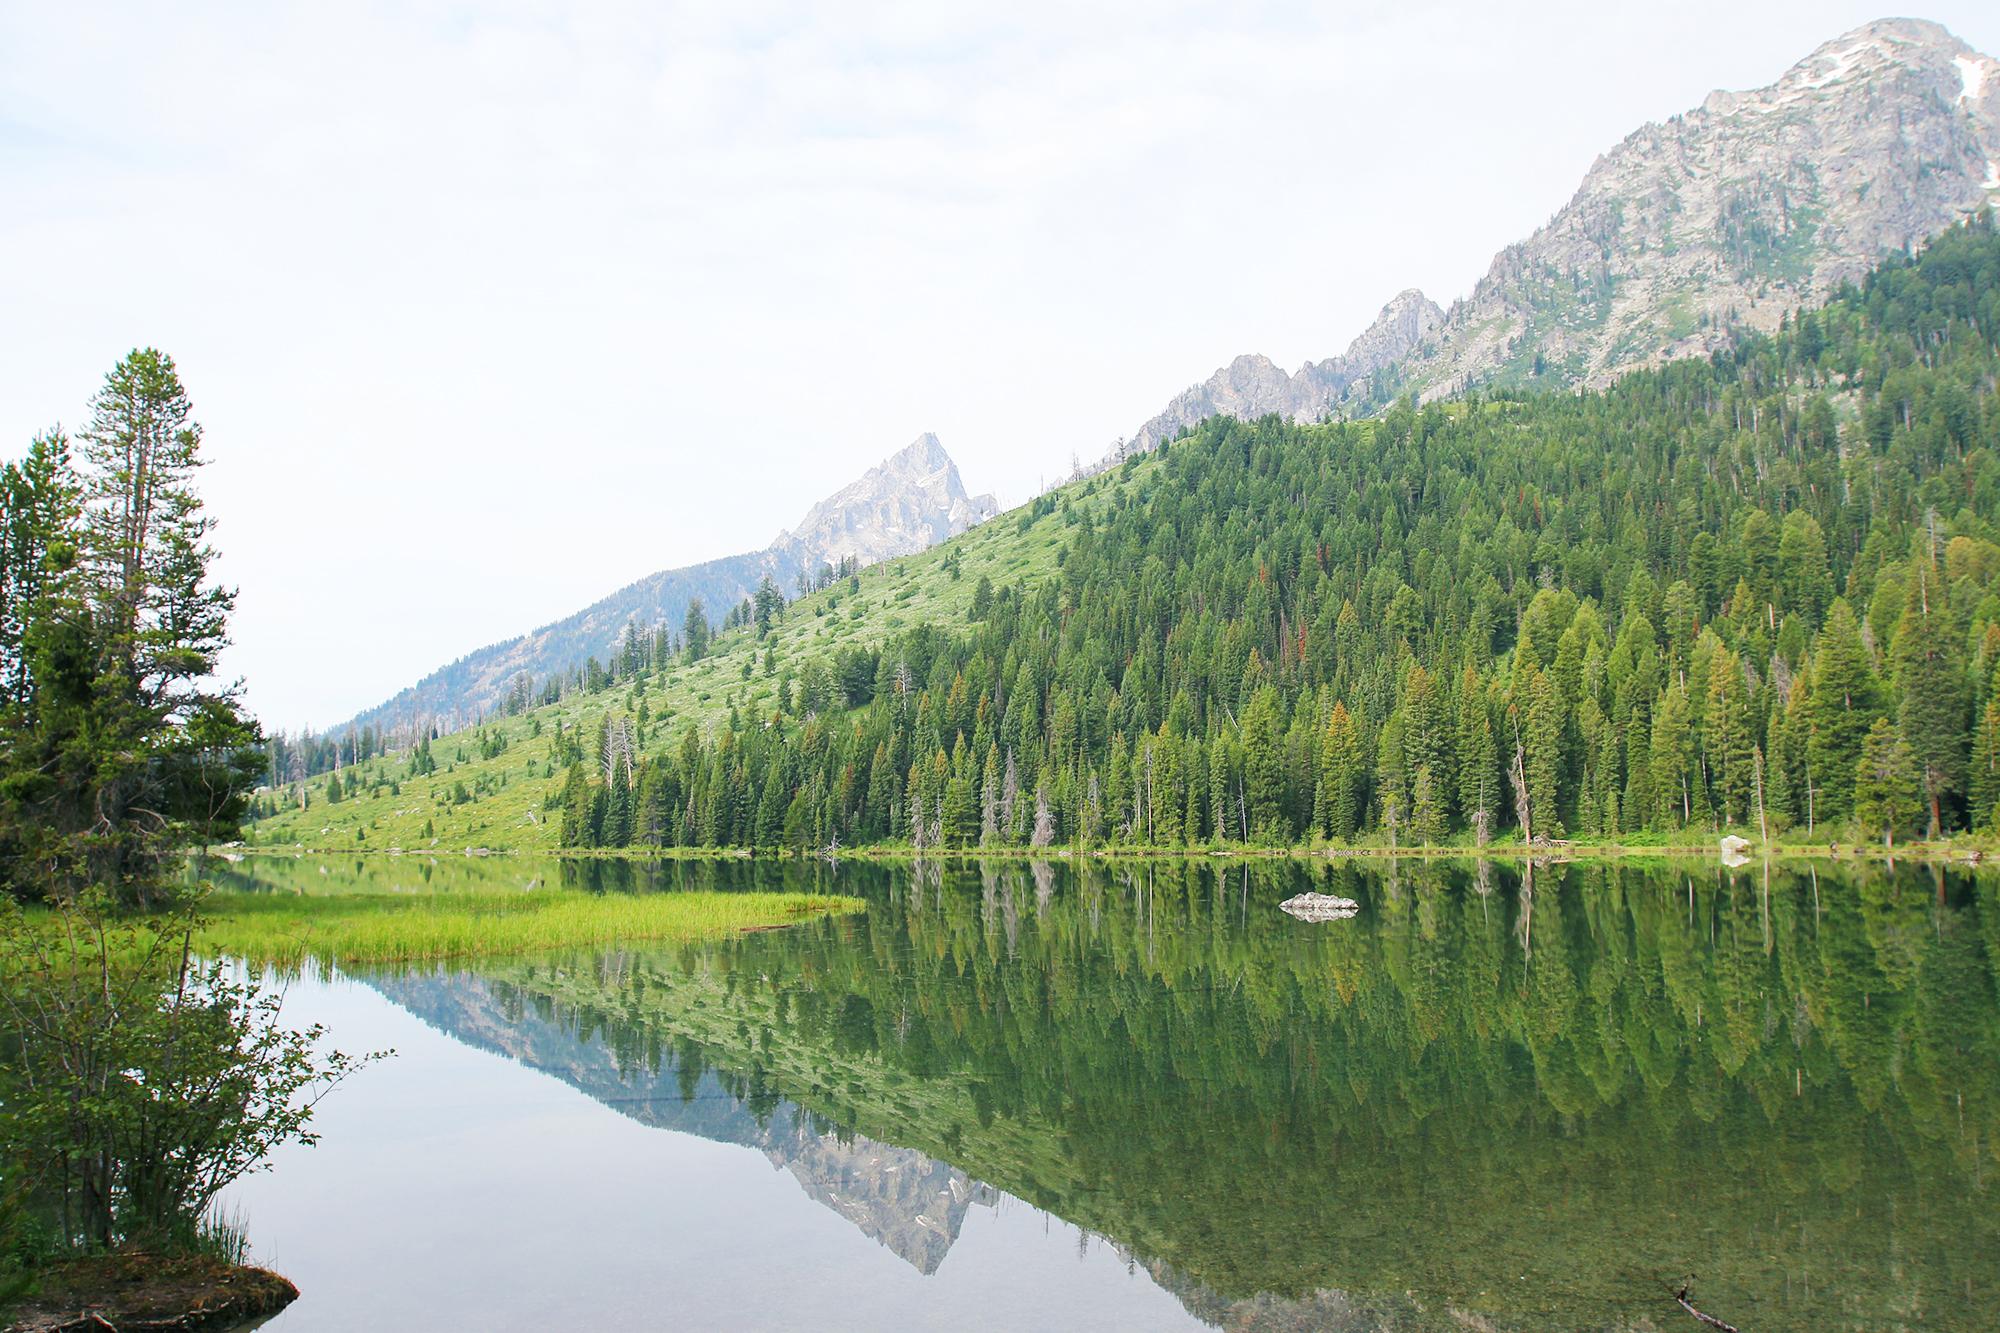 jo-torrijos-states-of-reverie-grand-teton-national-park-string-lake-hike-8.jpg